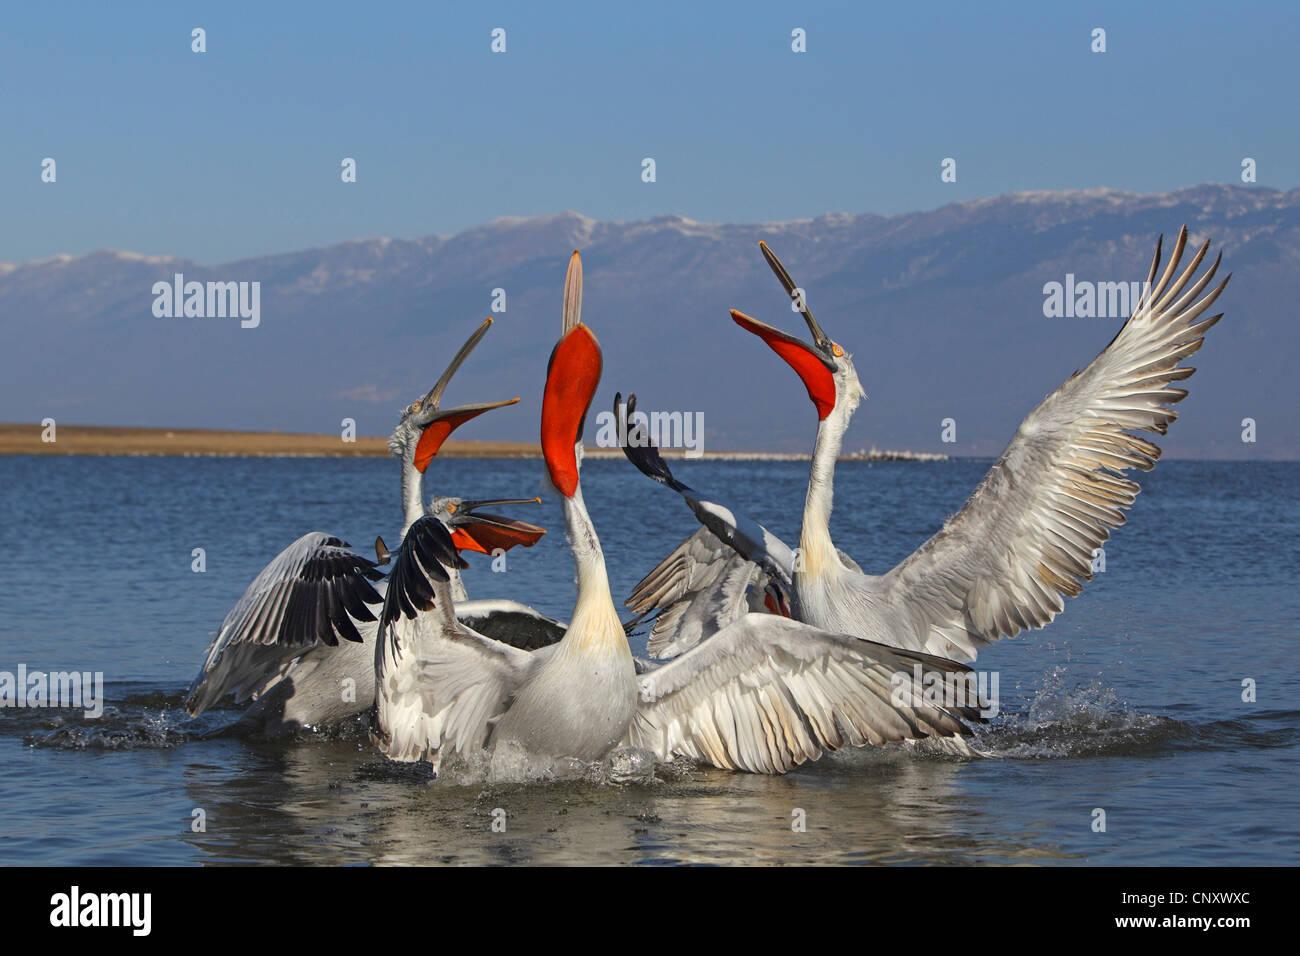 Pélican frisé (Pelecanus crispus), certains oiseaux se battre pour l'alimentation Photo Stock